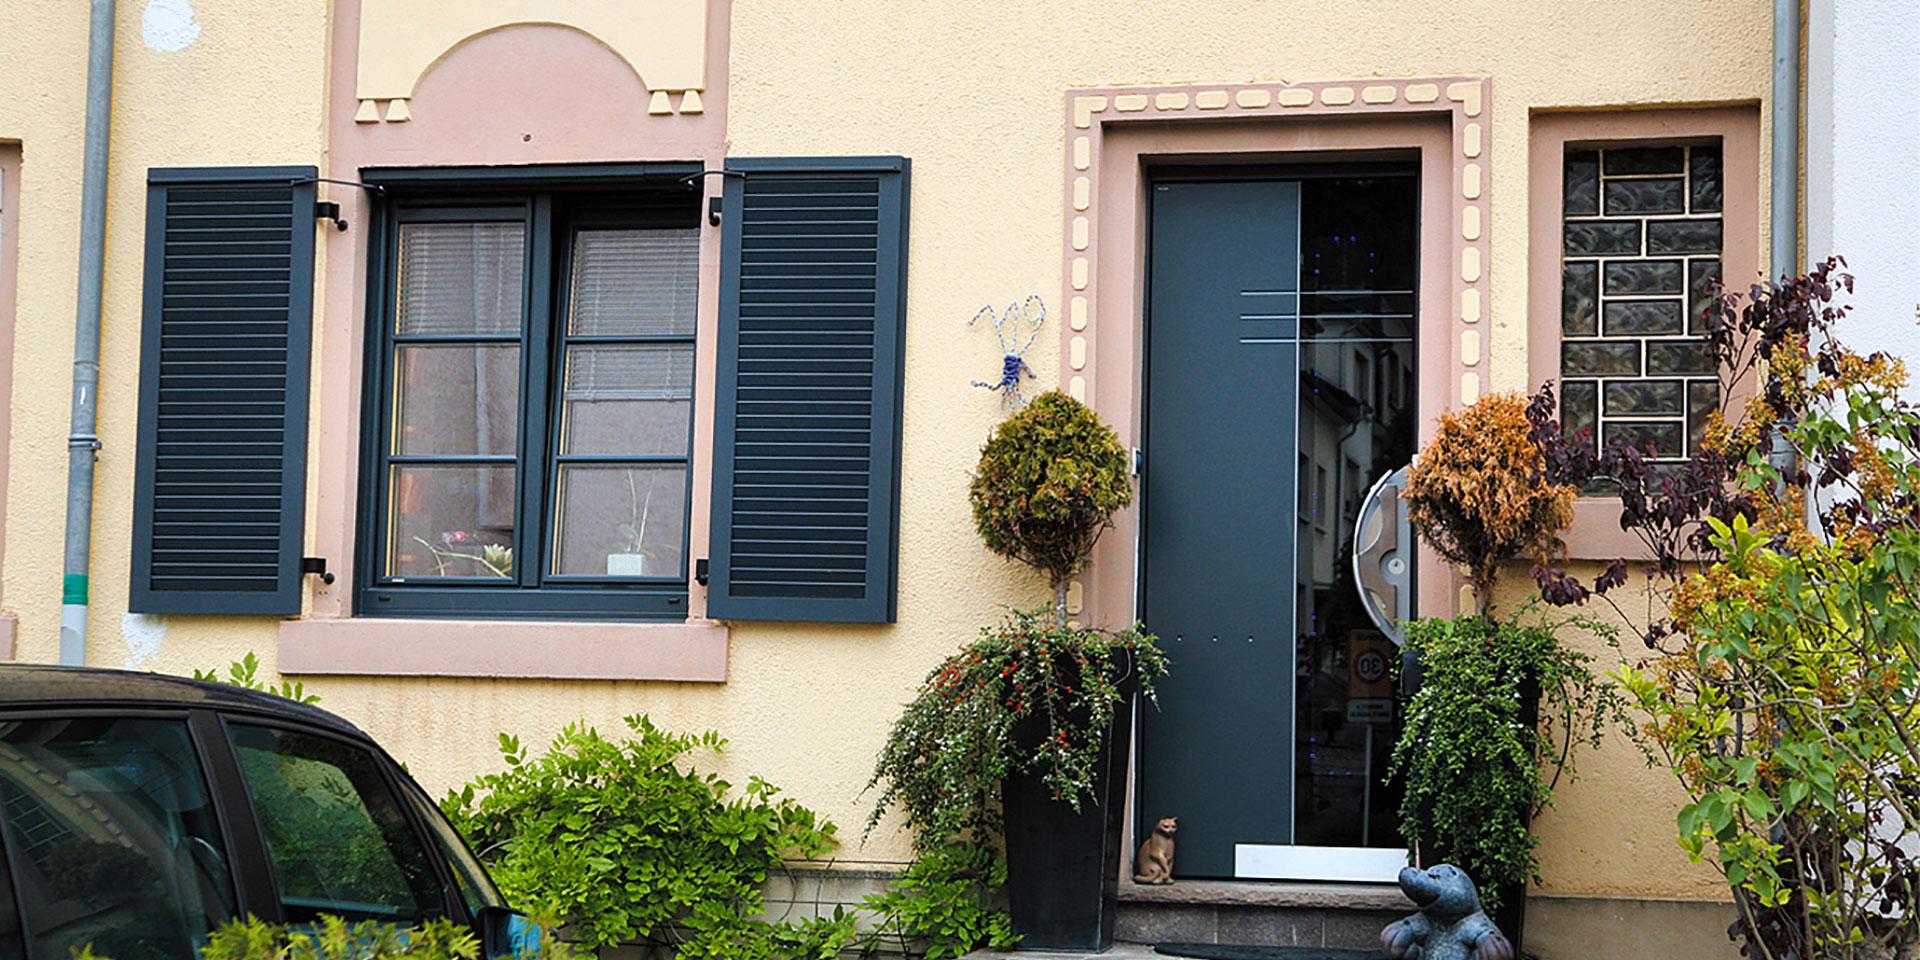 Gelbes Einfamilienhaus mit Nahaufnahme des Eingangsbereichs mit Blick auf eine graue Coplaning Aluminium Haustür und grauen Coplaning Kunststoff Fenster mit grauen Aluminium Klappläden.